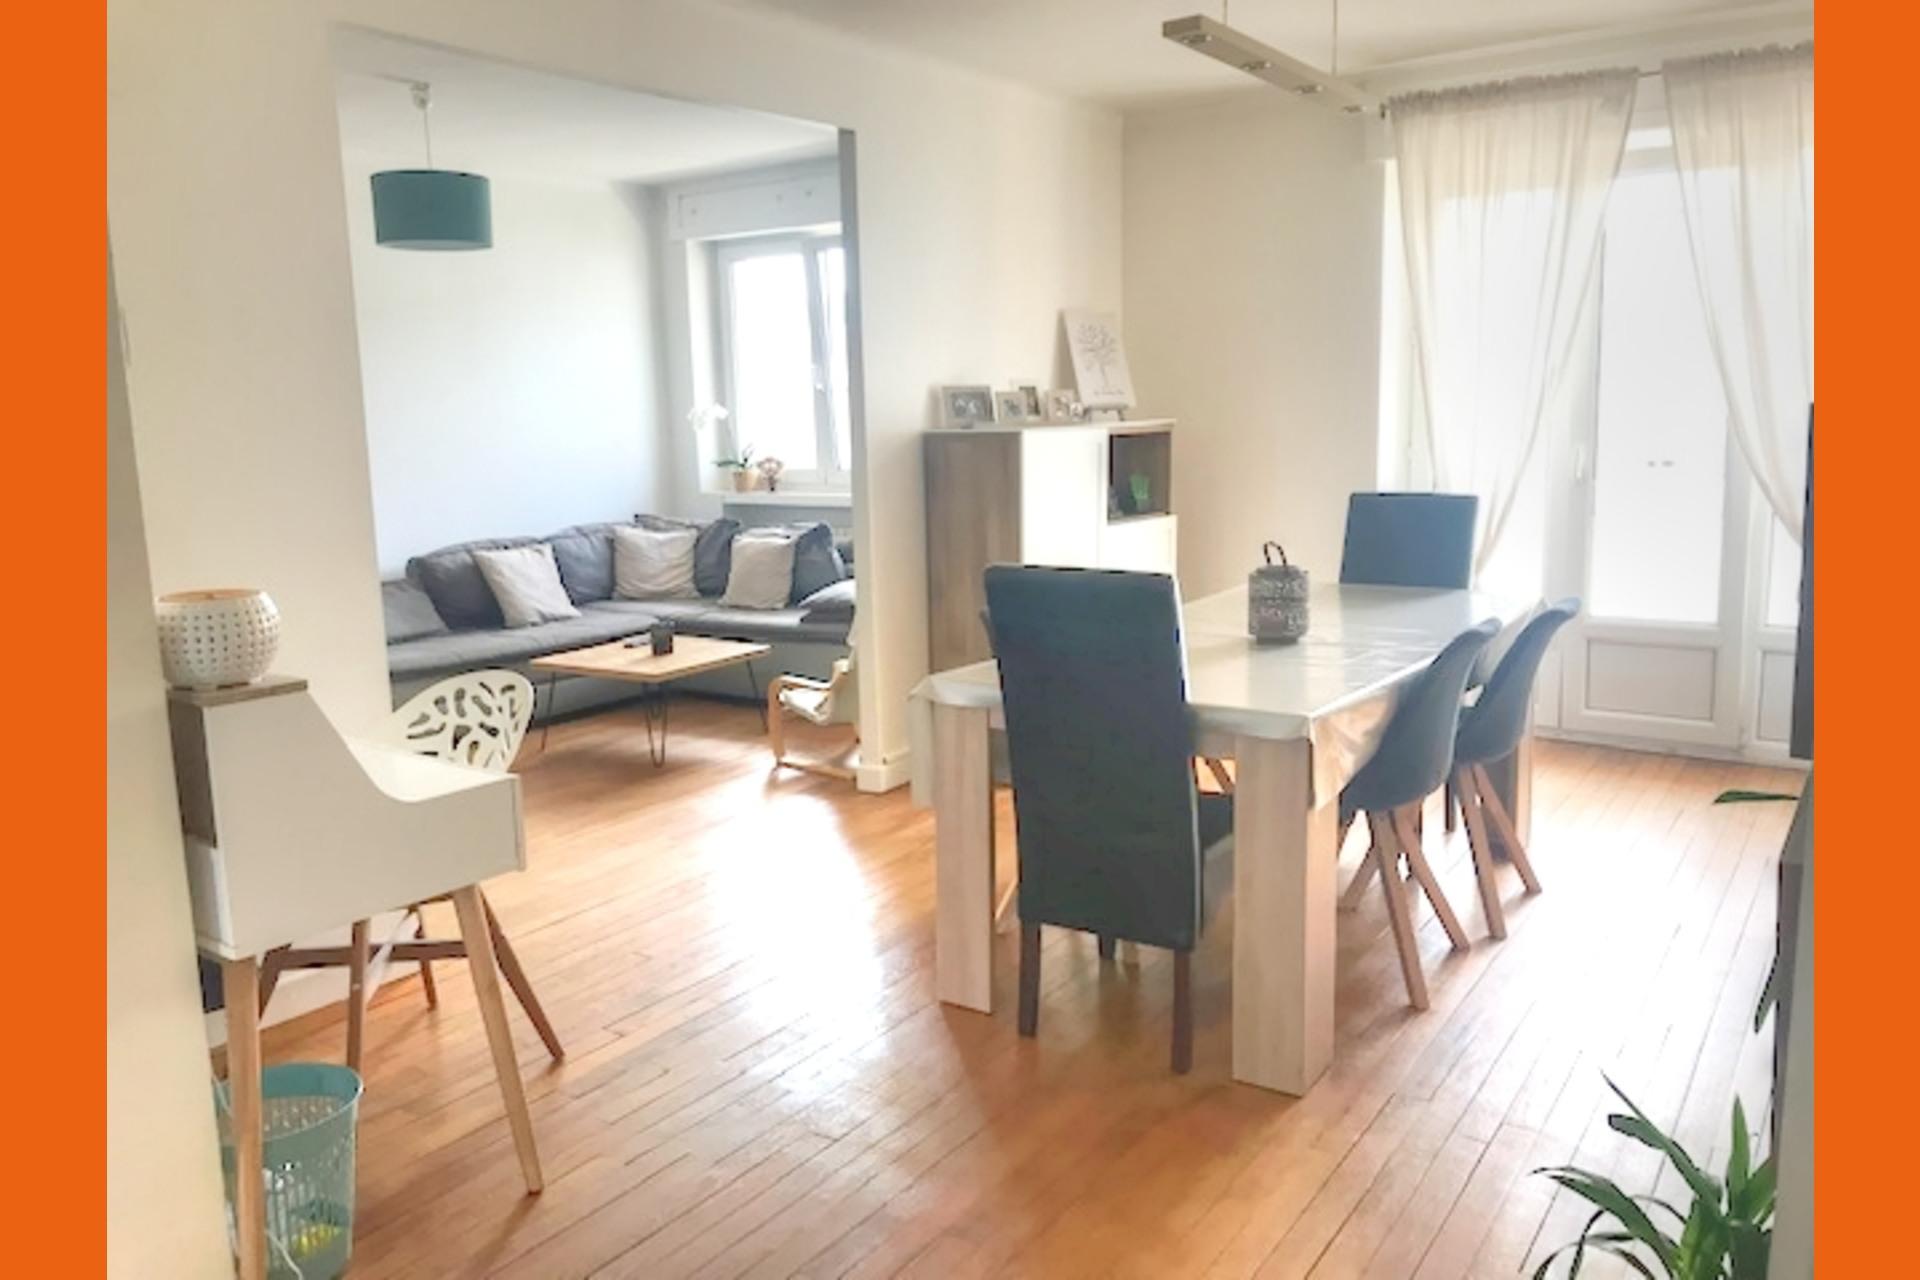 image 0 - Appartement À louer Montigny-lès-Metz - 4 pièces